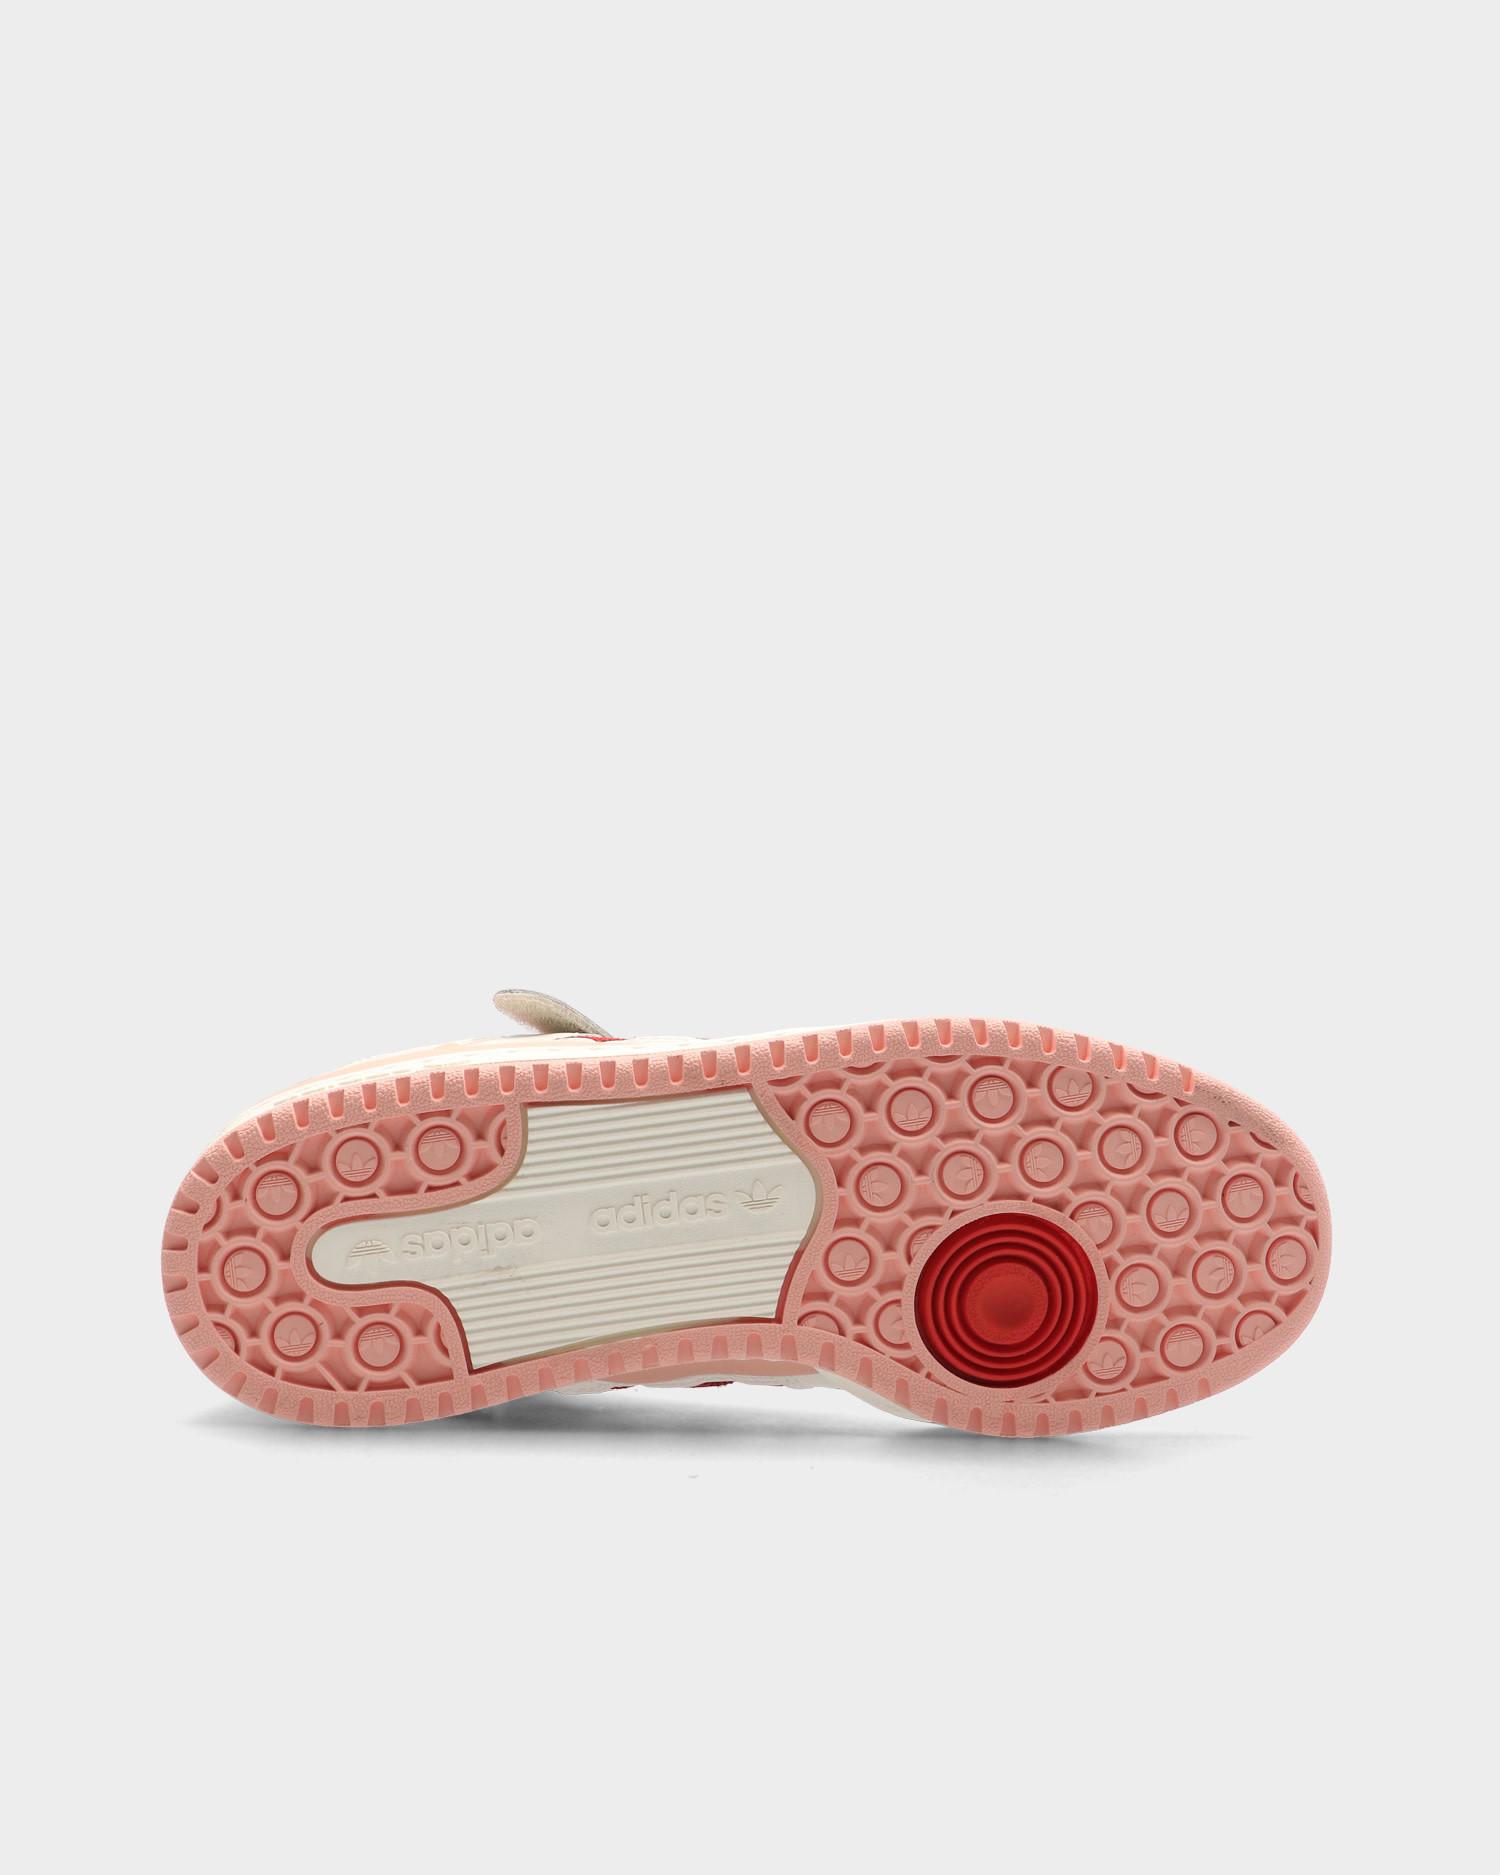 Adidas Forum 84 Hi Off White/Glow Pink/Vivid Red